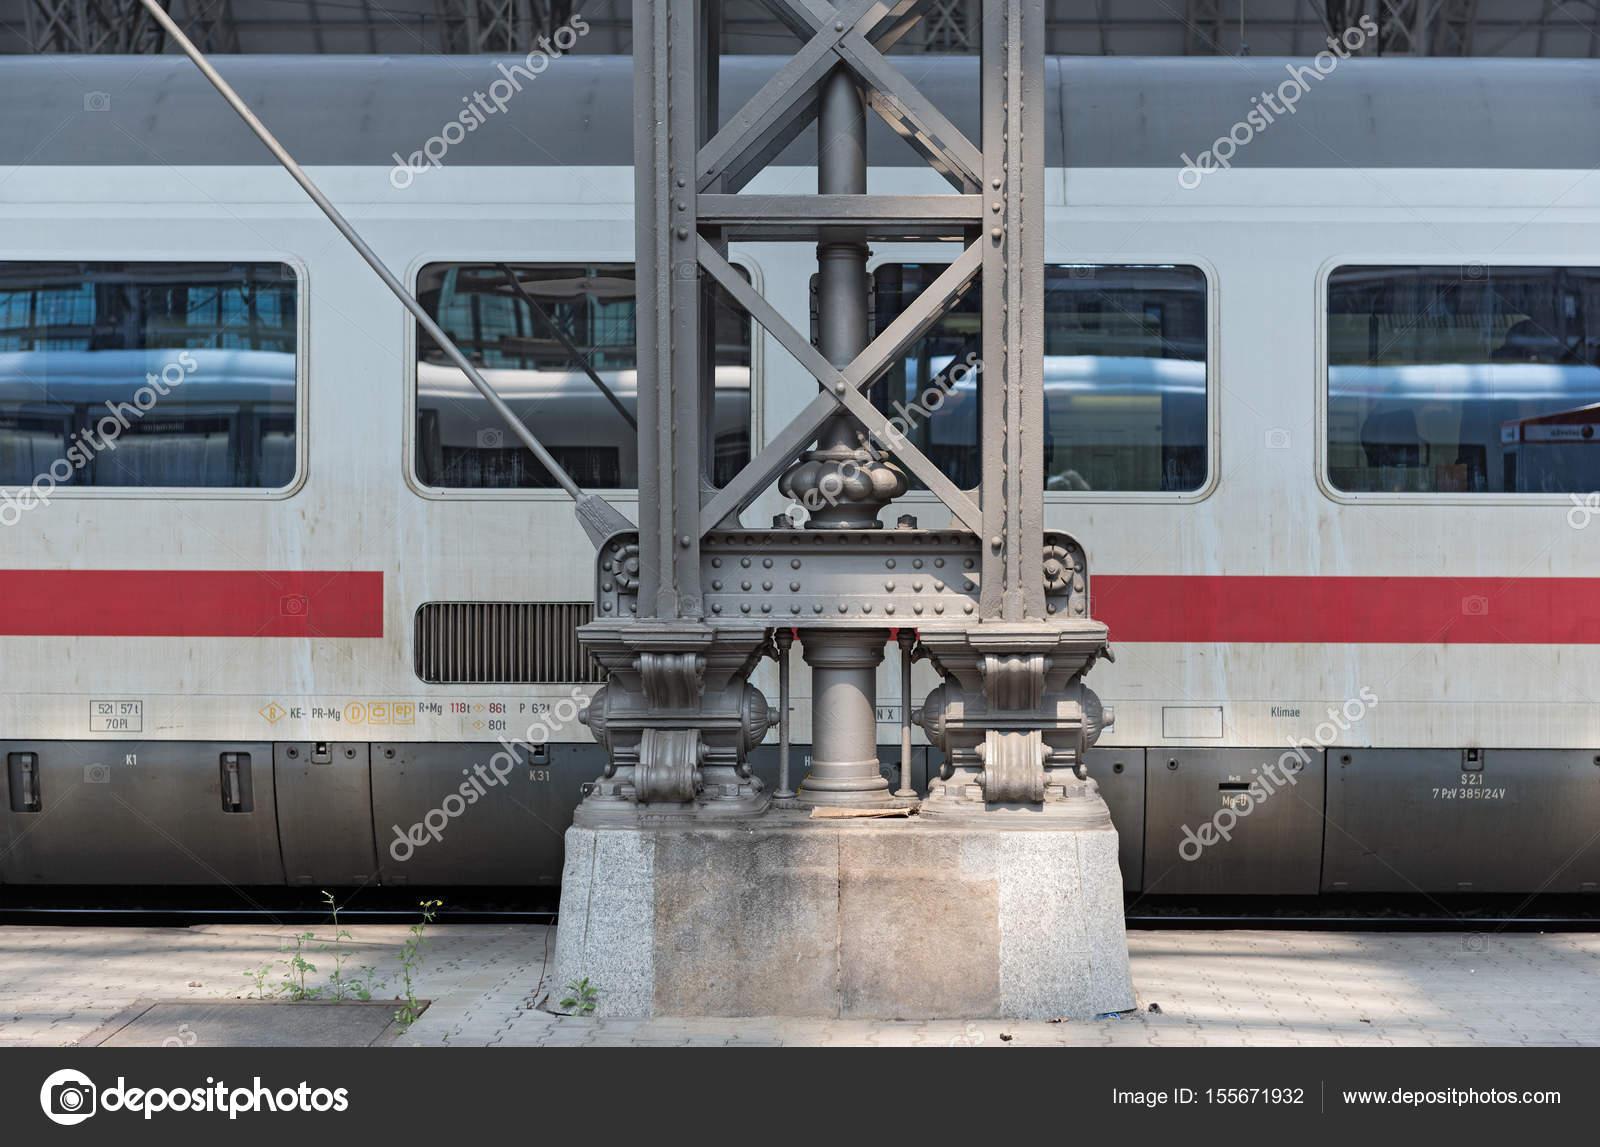 142d32afe6 Frankfurt am Main, Németország-május 30, 2017: Jég kocsi és vas tető  pillére a frankfurti központi pályaudvar — Fotó szerzőtől ...